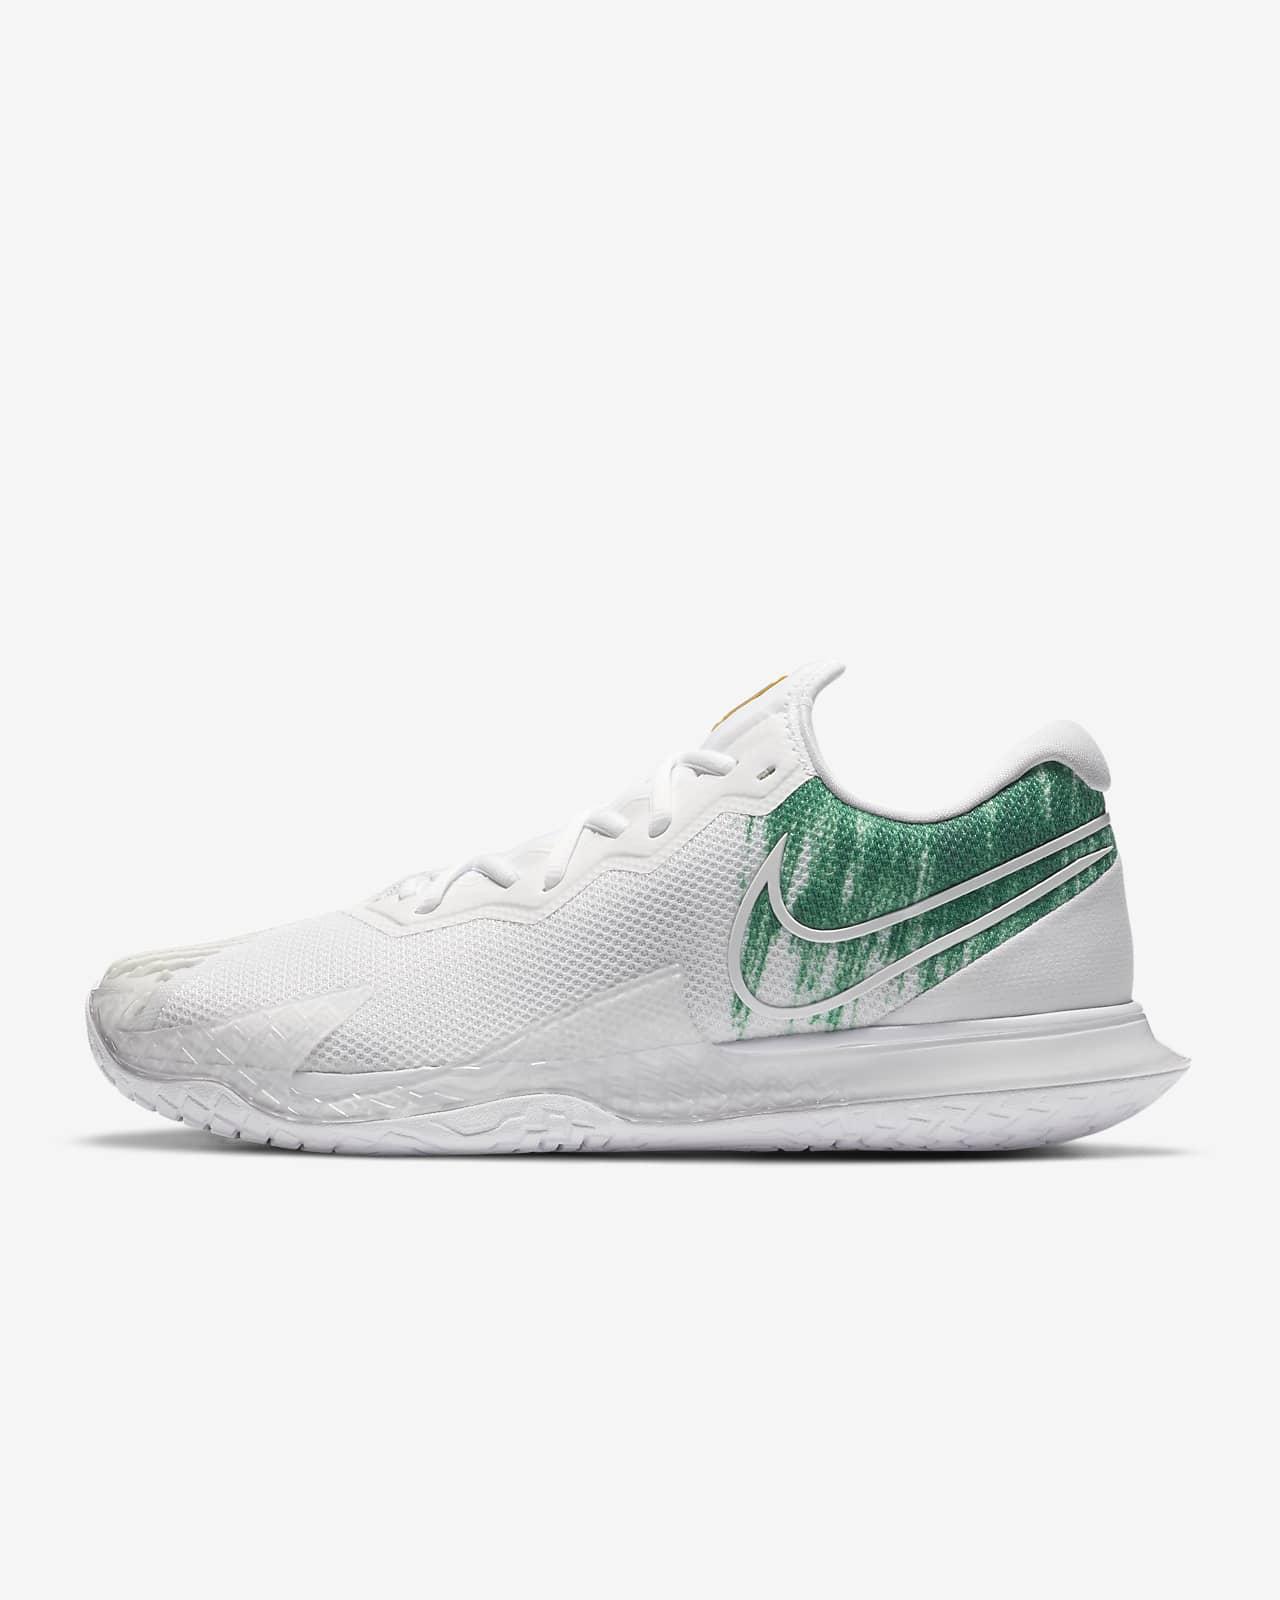 NikeCourt Air Zoom Vapor Cage 4 Zapatillas de tenis de pista rápida - Hombre